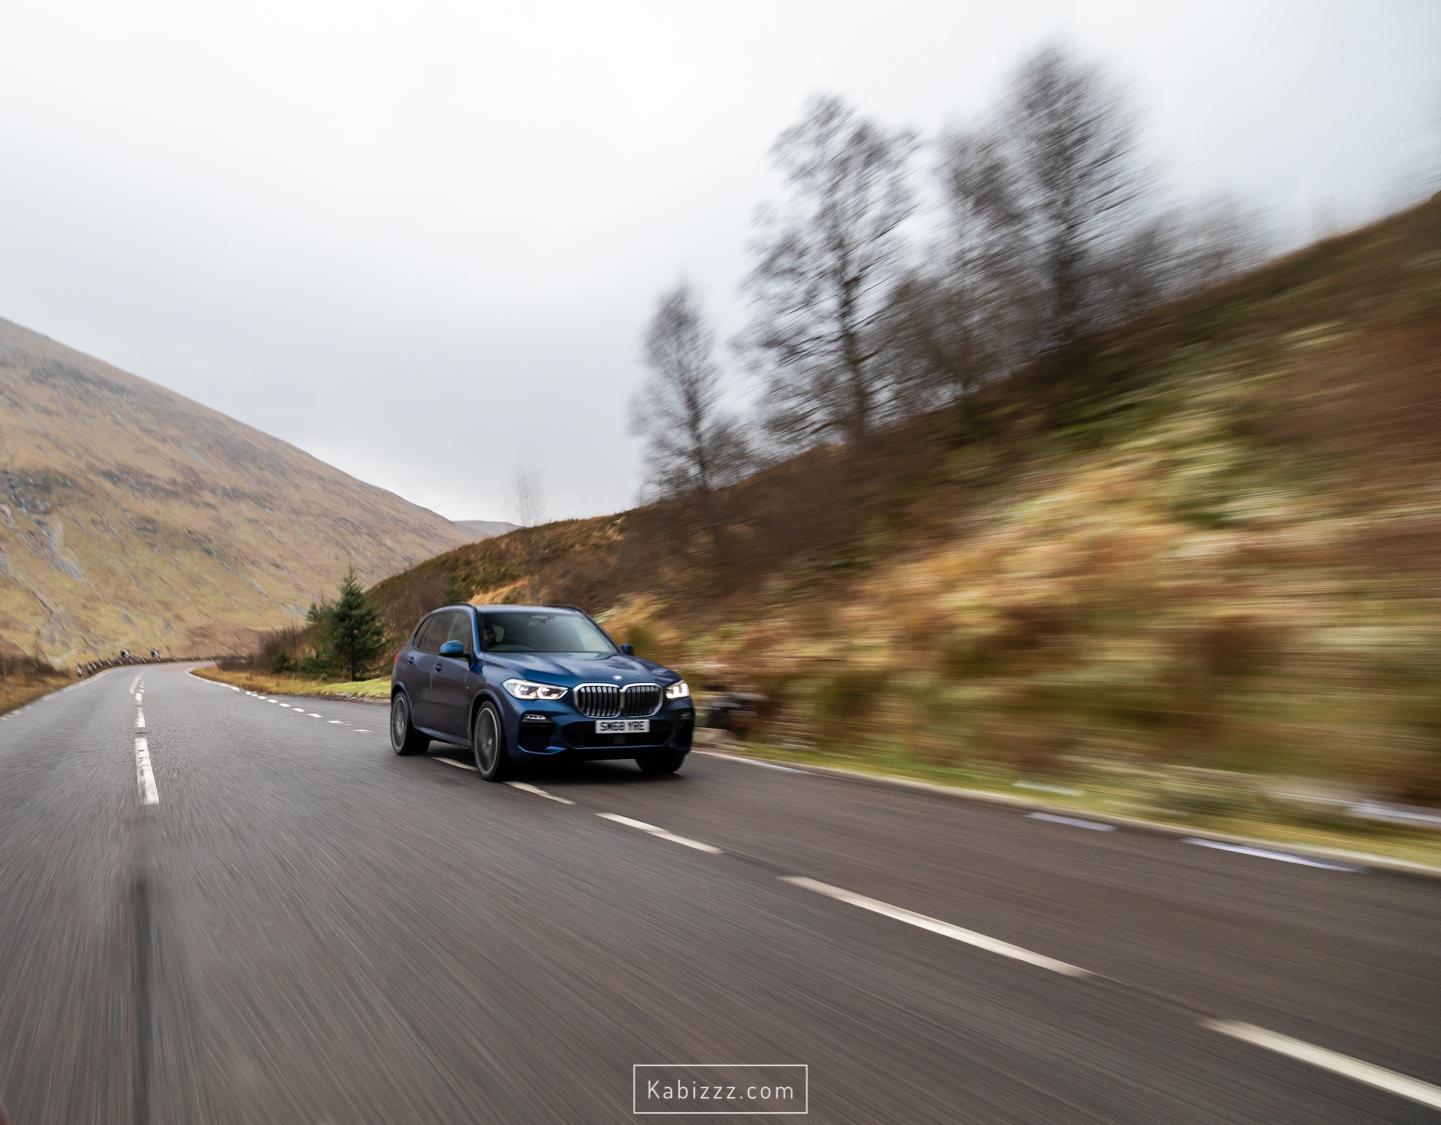 2019_bmw_x5_blue_msport_automotive_photography_kabizzz.jpg